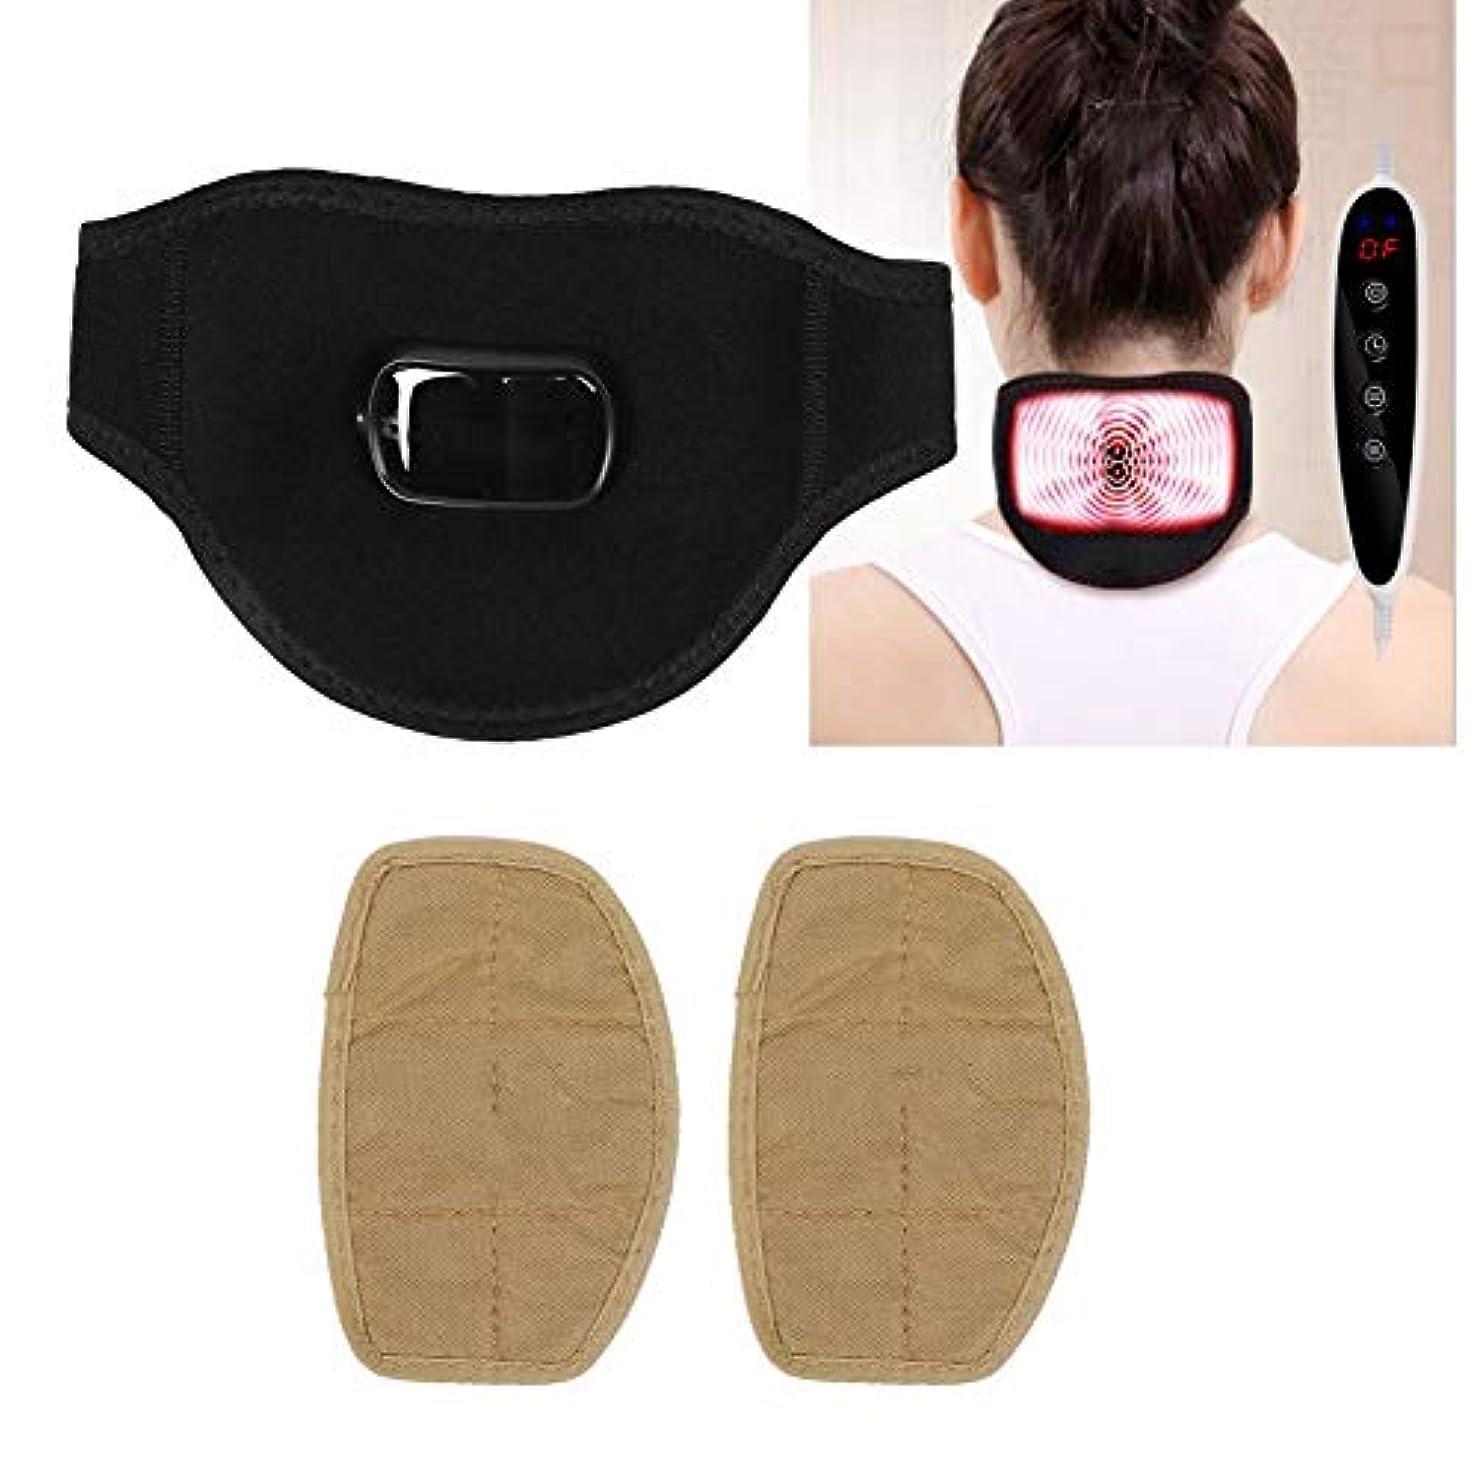 生じる後学校の先生電動肩マッサージャー、USBヘルスを加熱するためのm付きの温かい首サポート、首の損傷または痛みに適しています